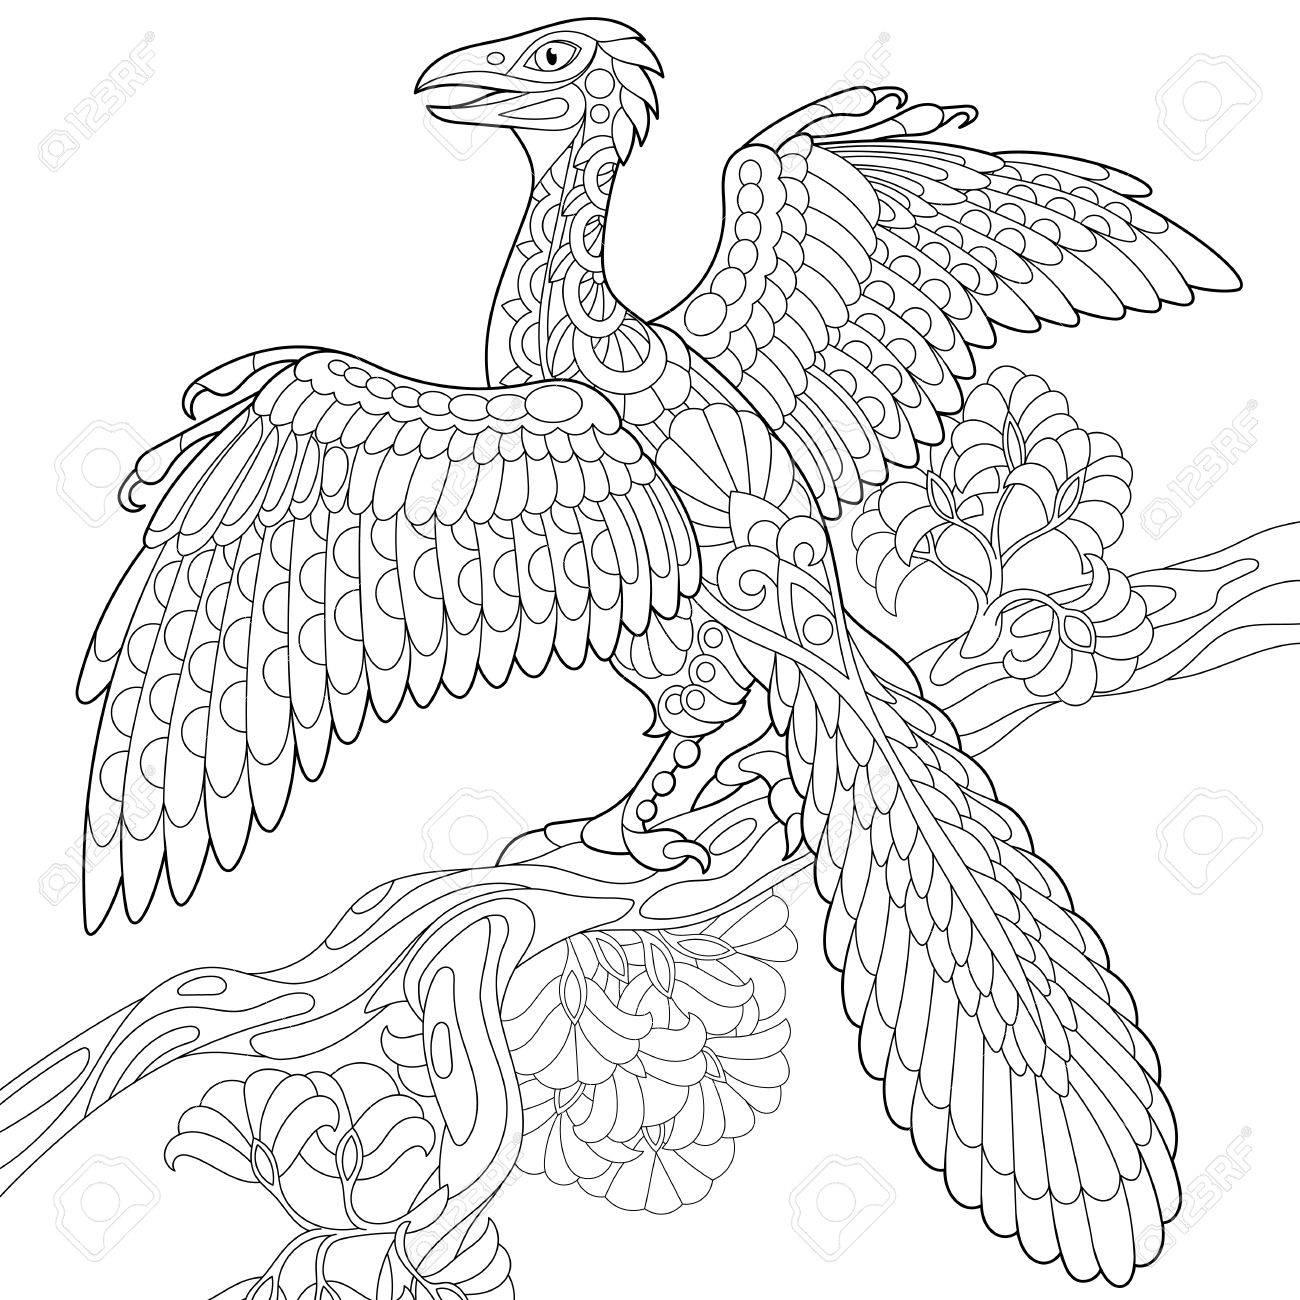 Dinosaurio Estilizado Del Archaeopteryx, Pájaro Fósil Del Período ...